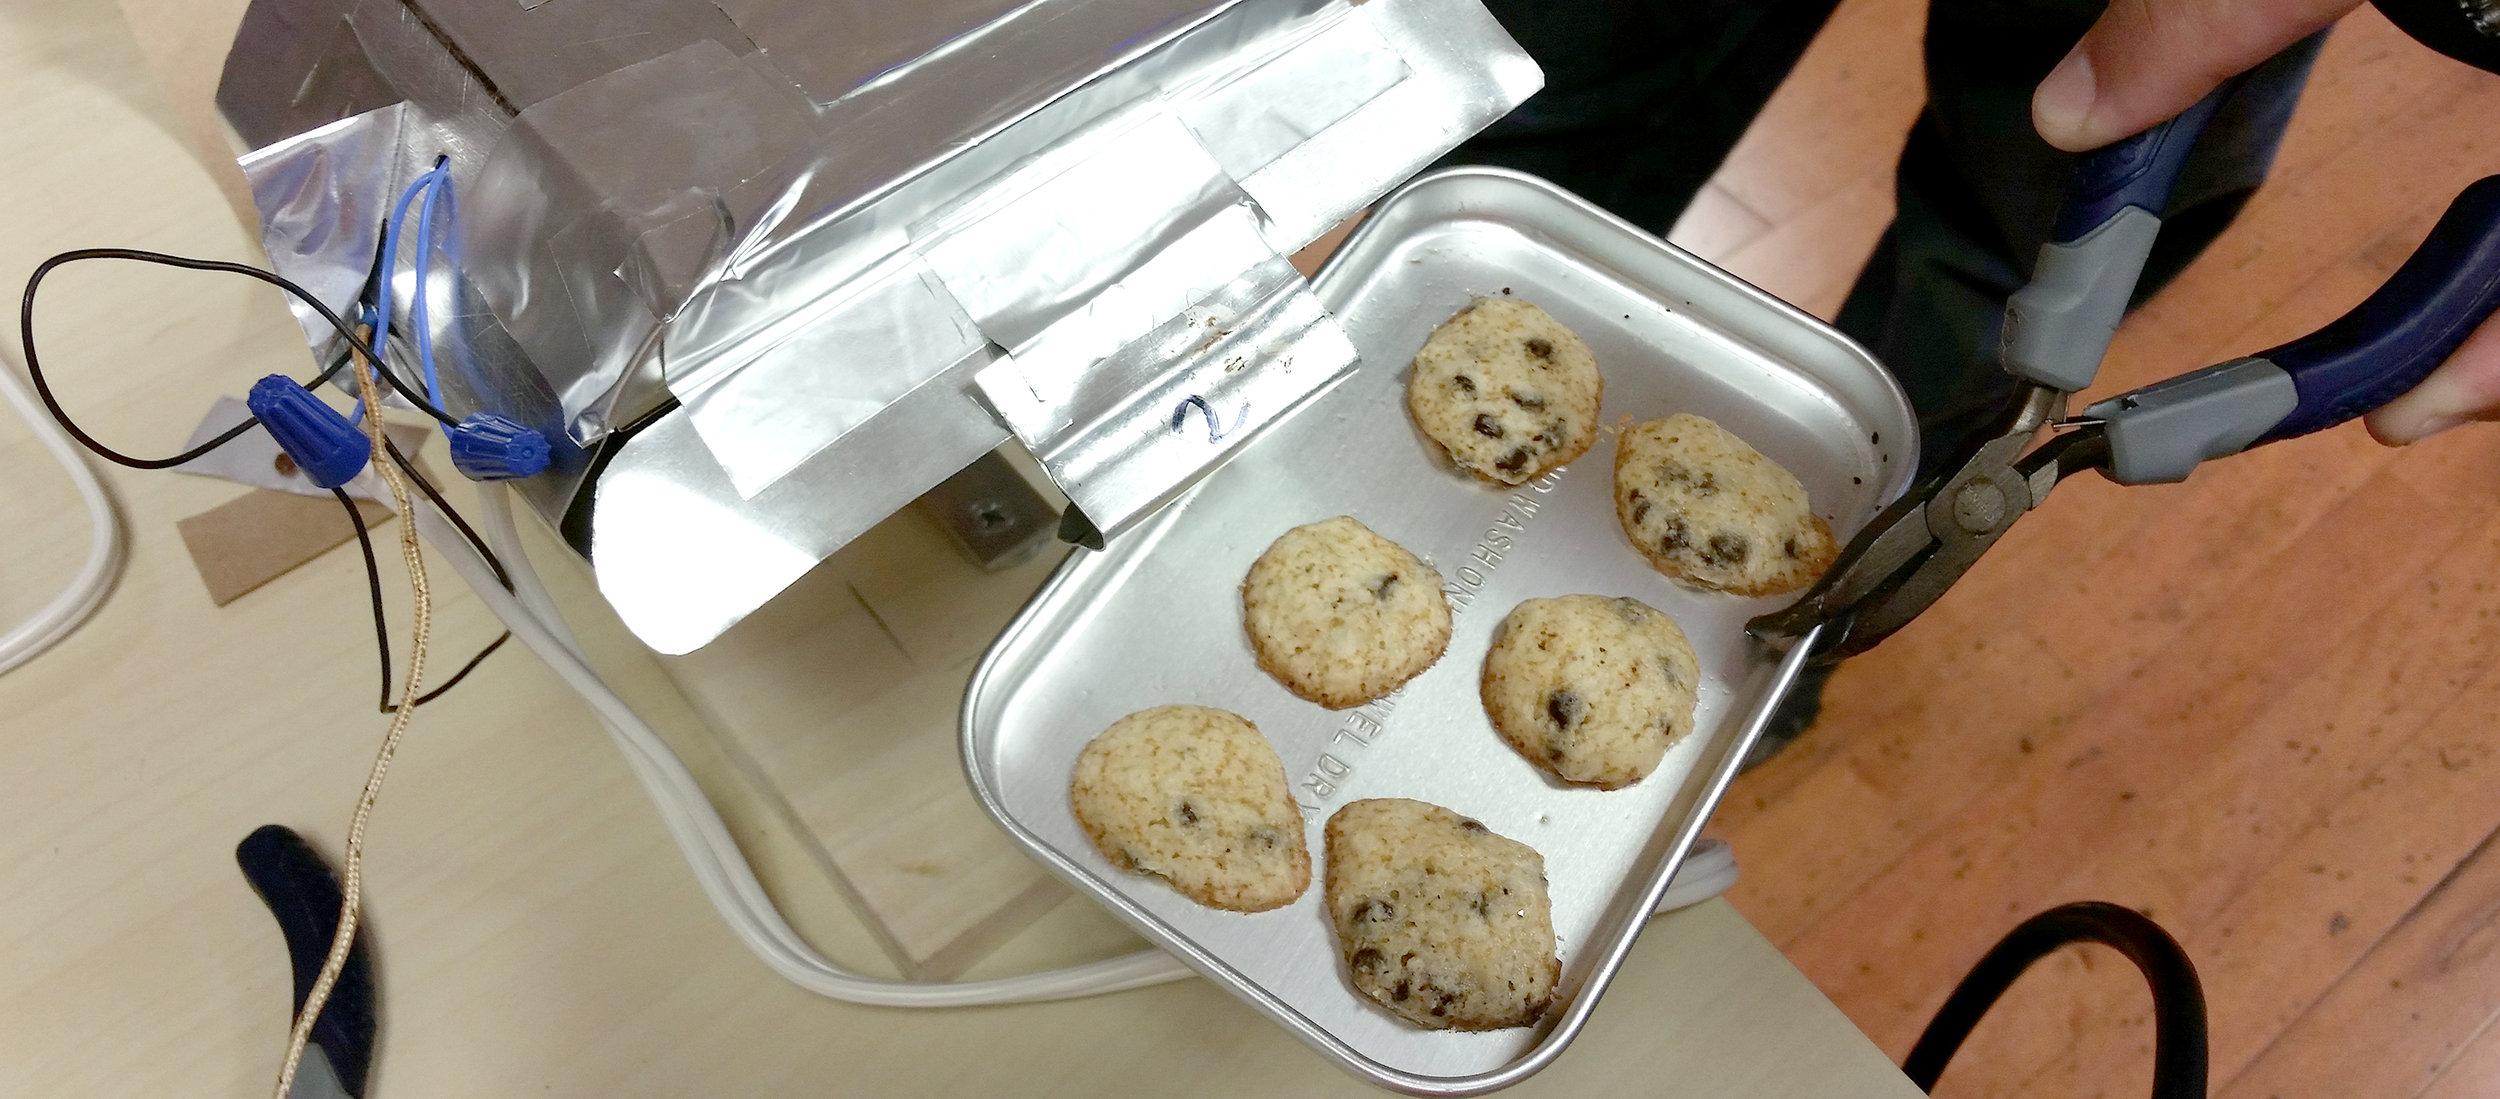 testcookies.jpg